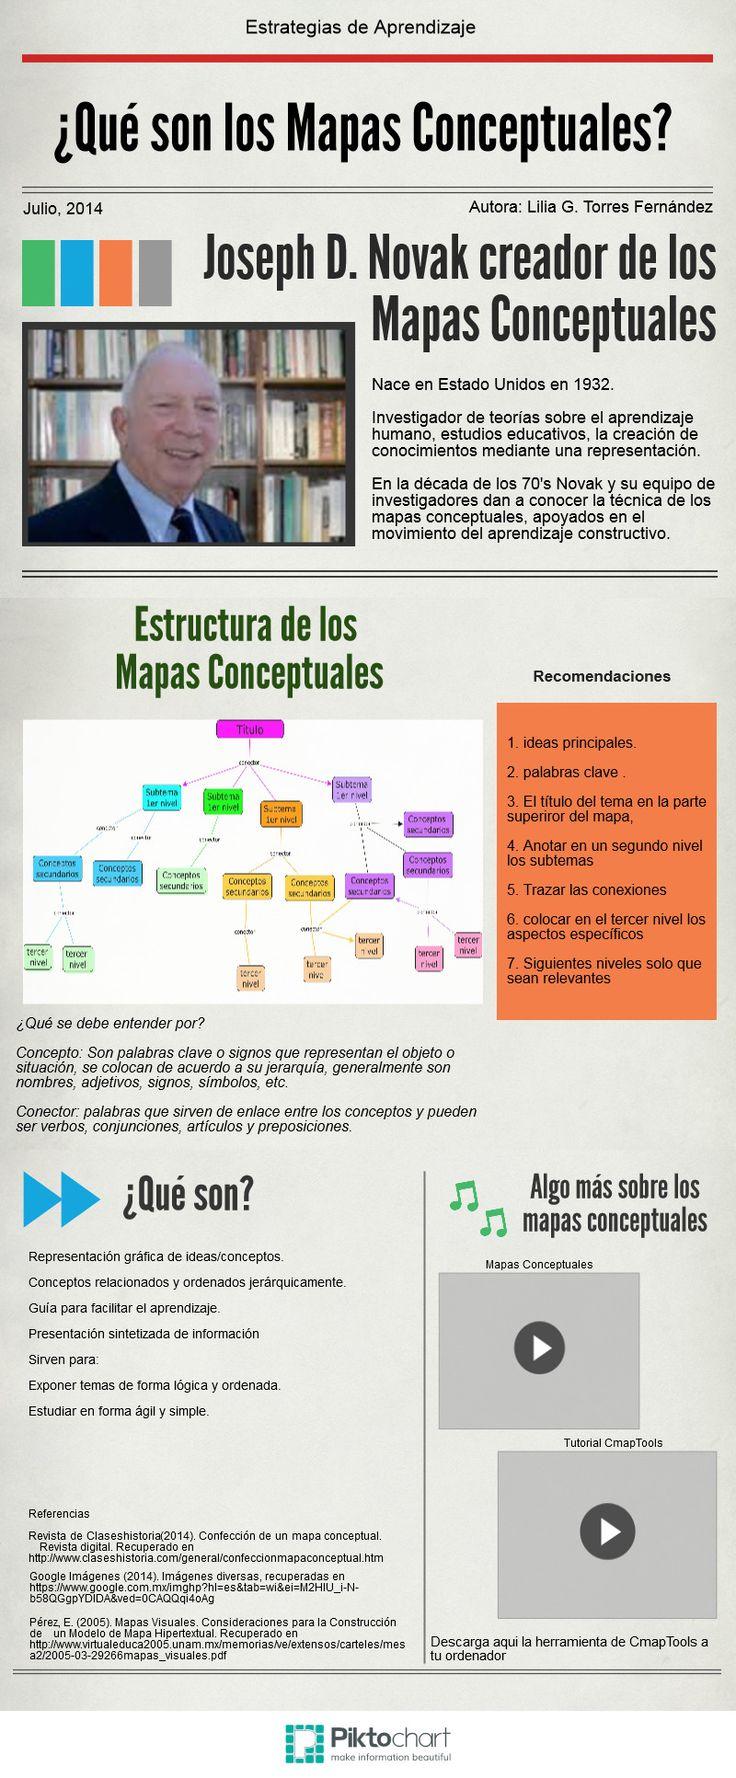 Mapas Conceptuales | @Piktochart Infographic